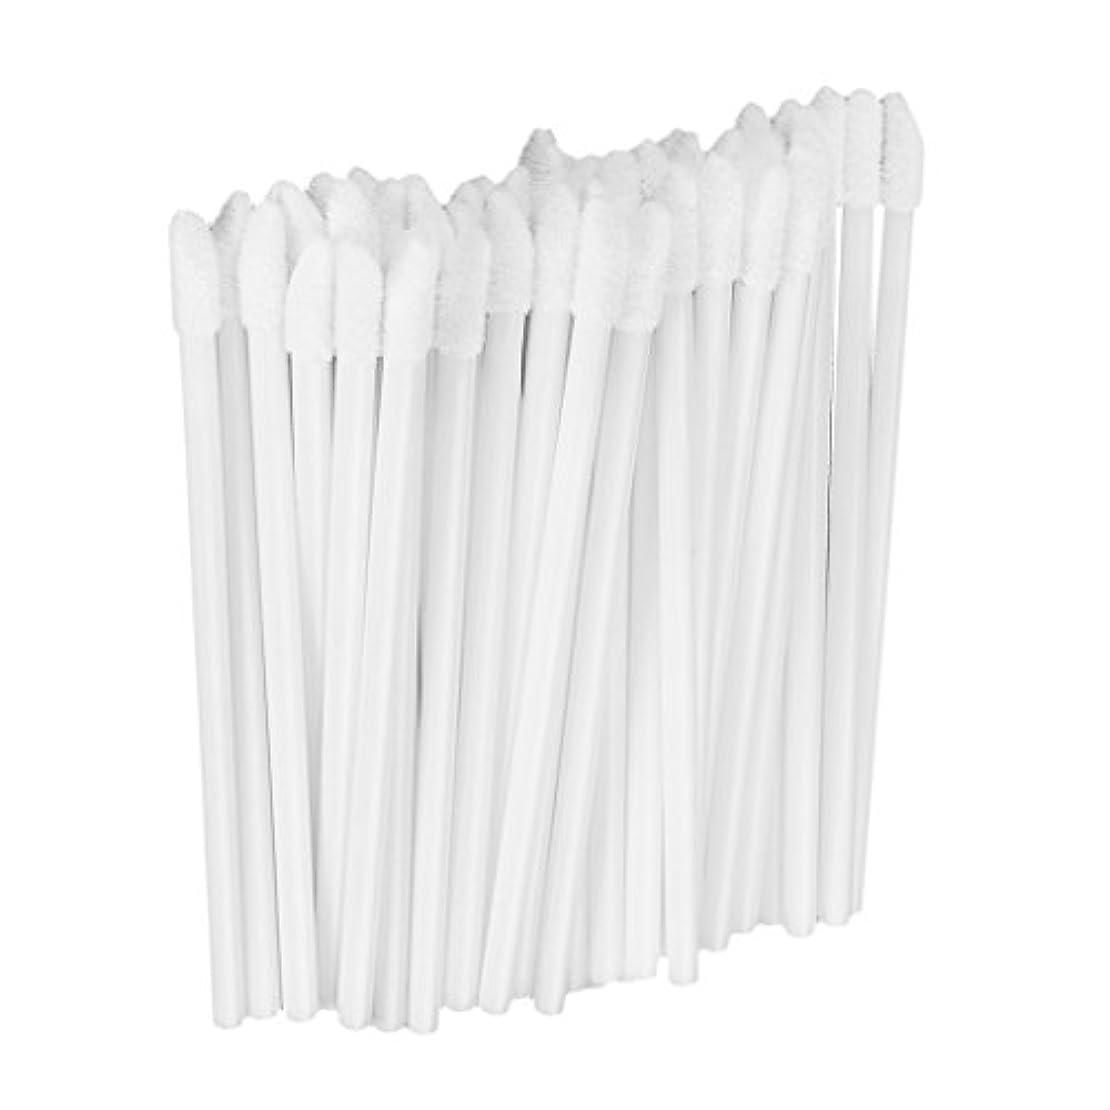 Fenteer 約50本 メイクアップブラシ リップスティックブラシ 使い捨て リップブラシ リップワンド メイク道具 5色選べる  - 白